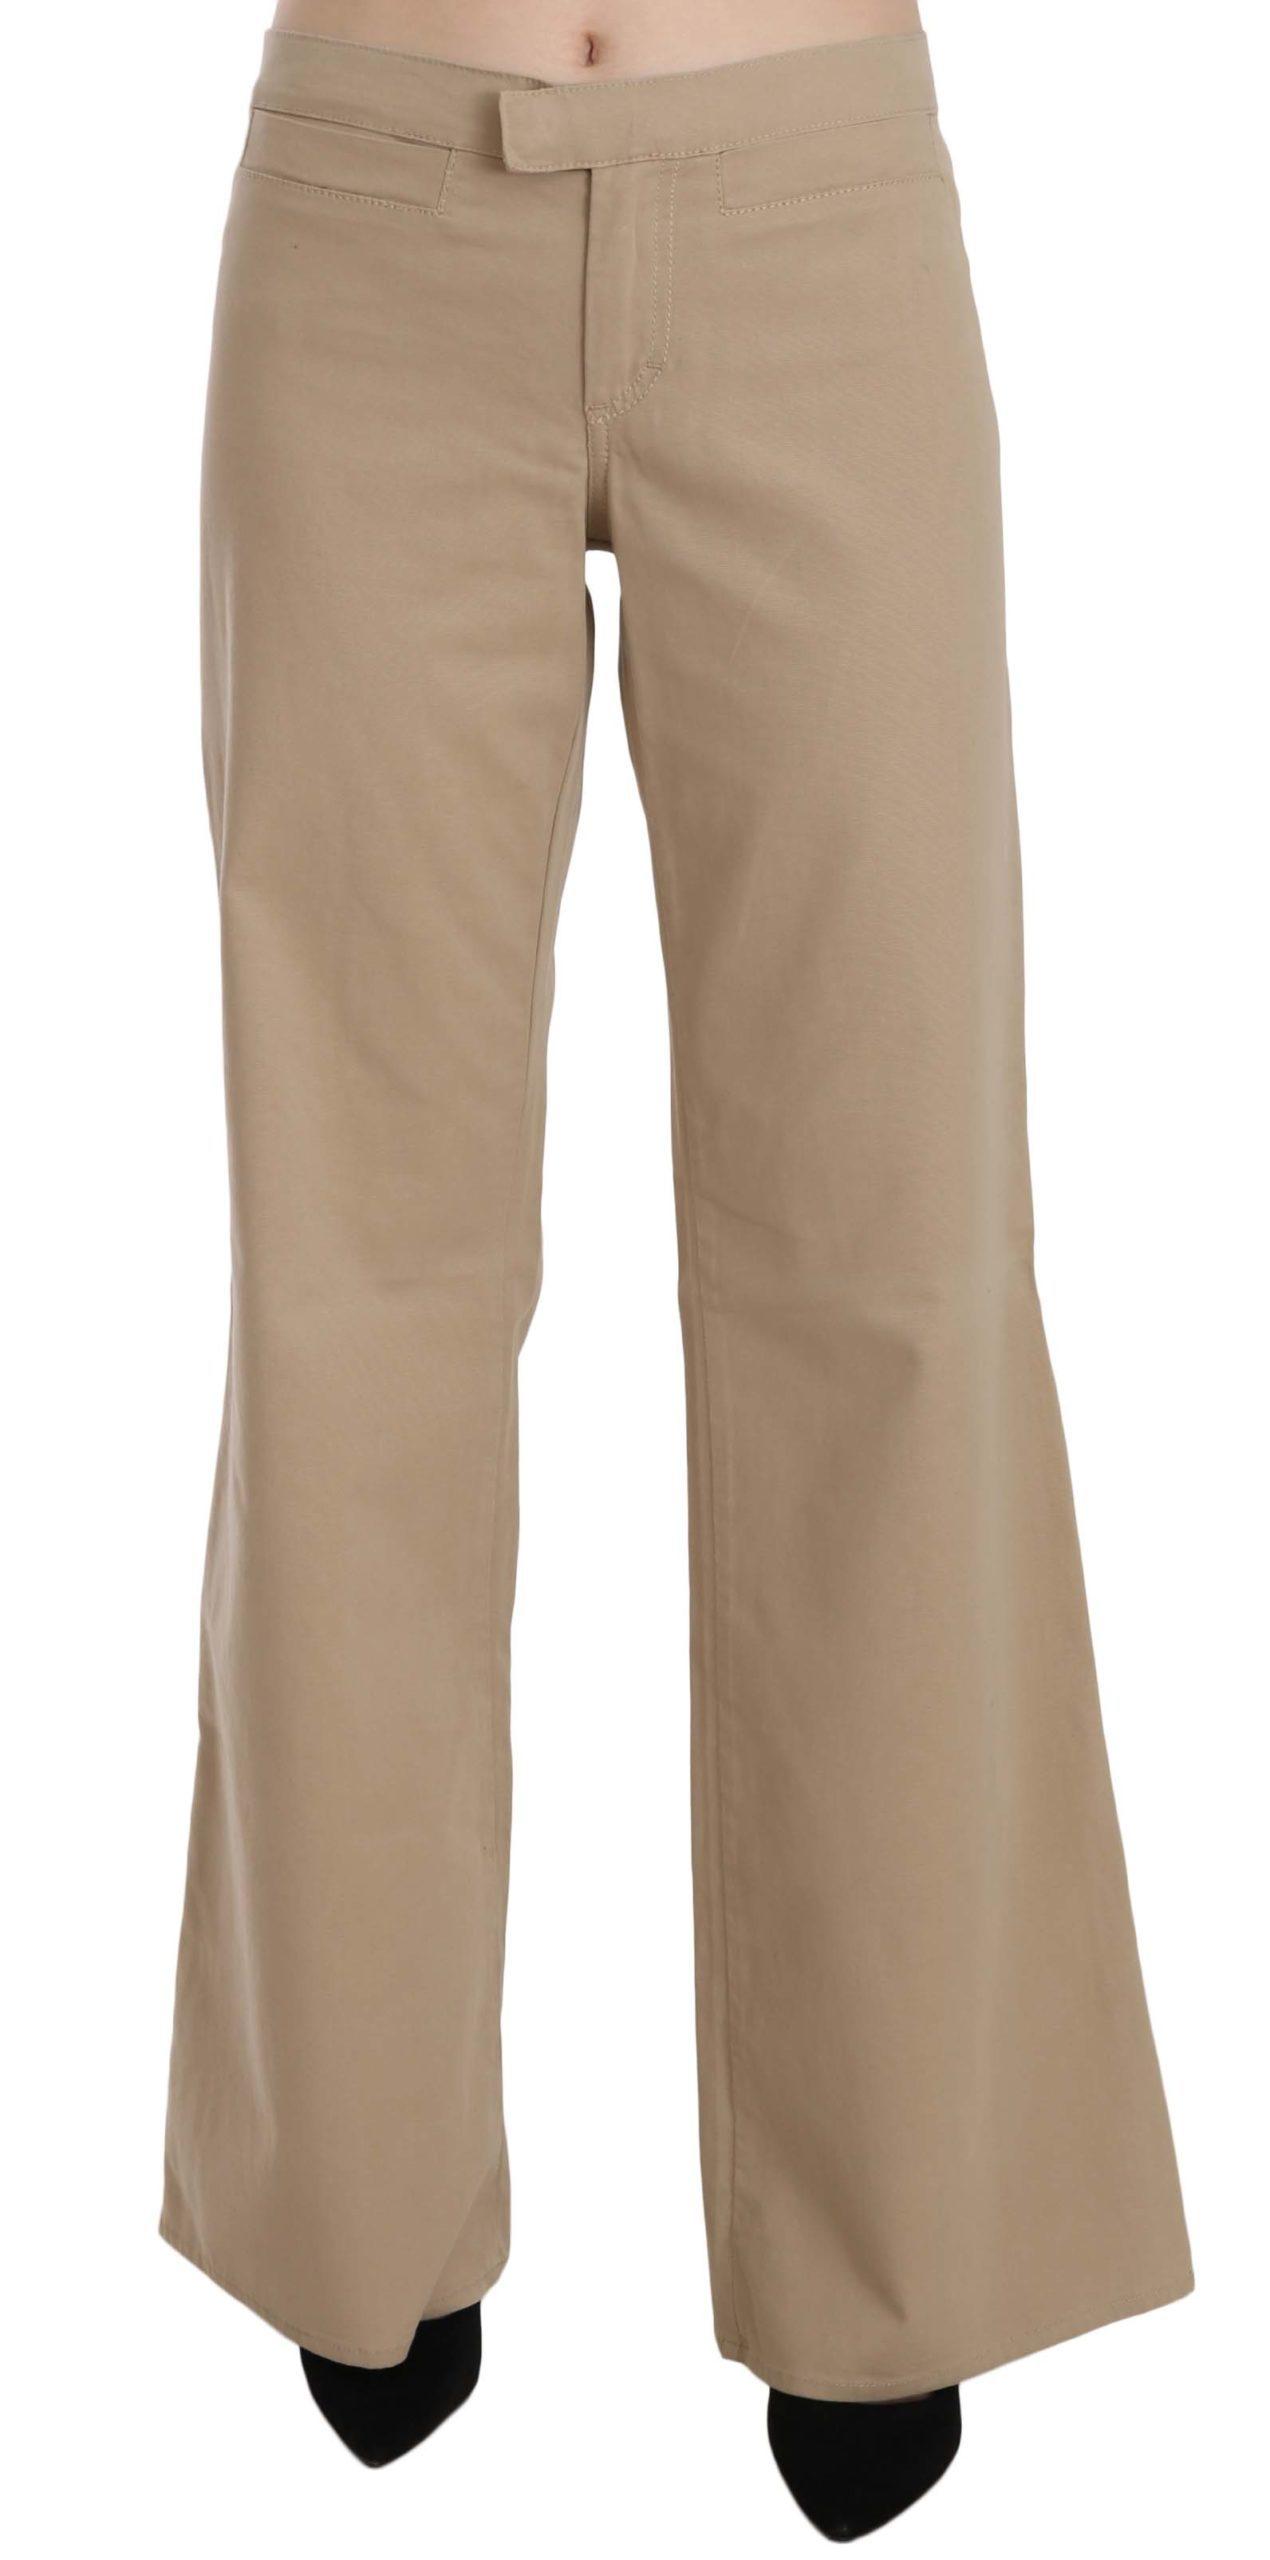 Just Cavalli Women's Mid Waist Flared Trouser Beige PAN70364 - IT44|L